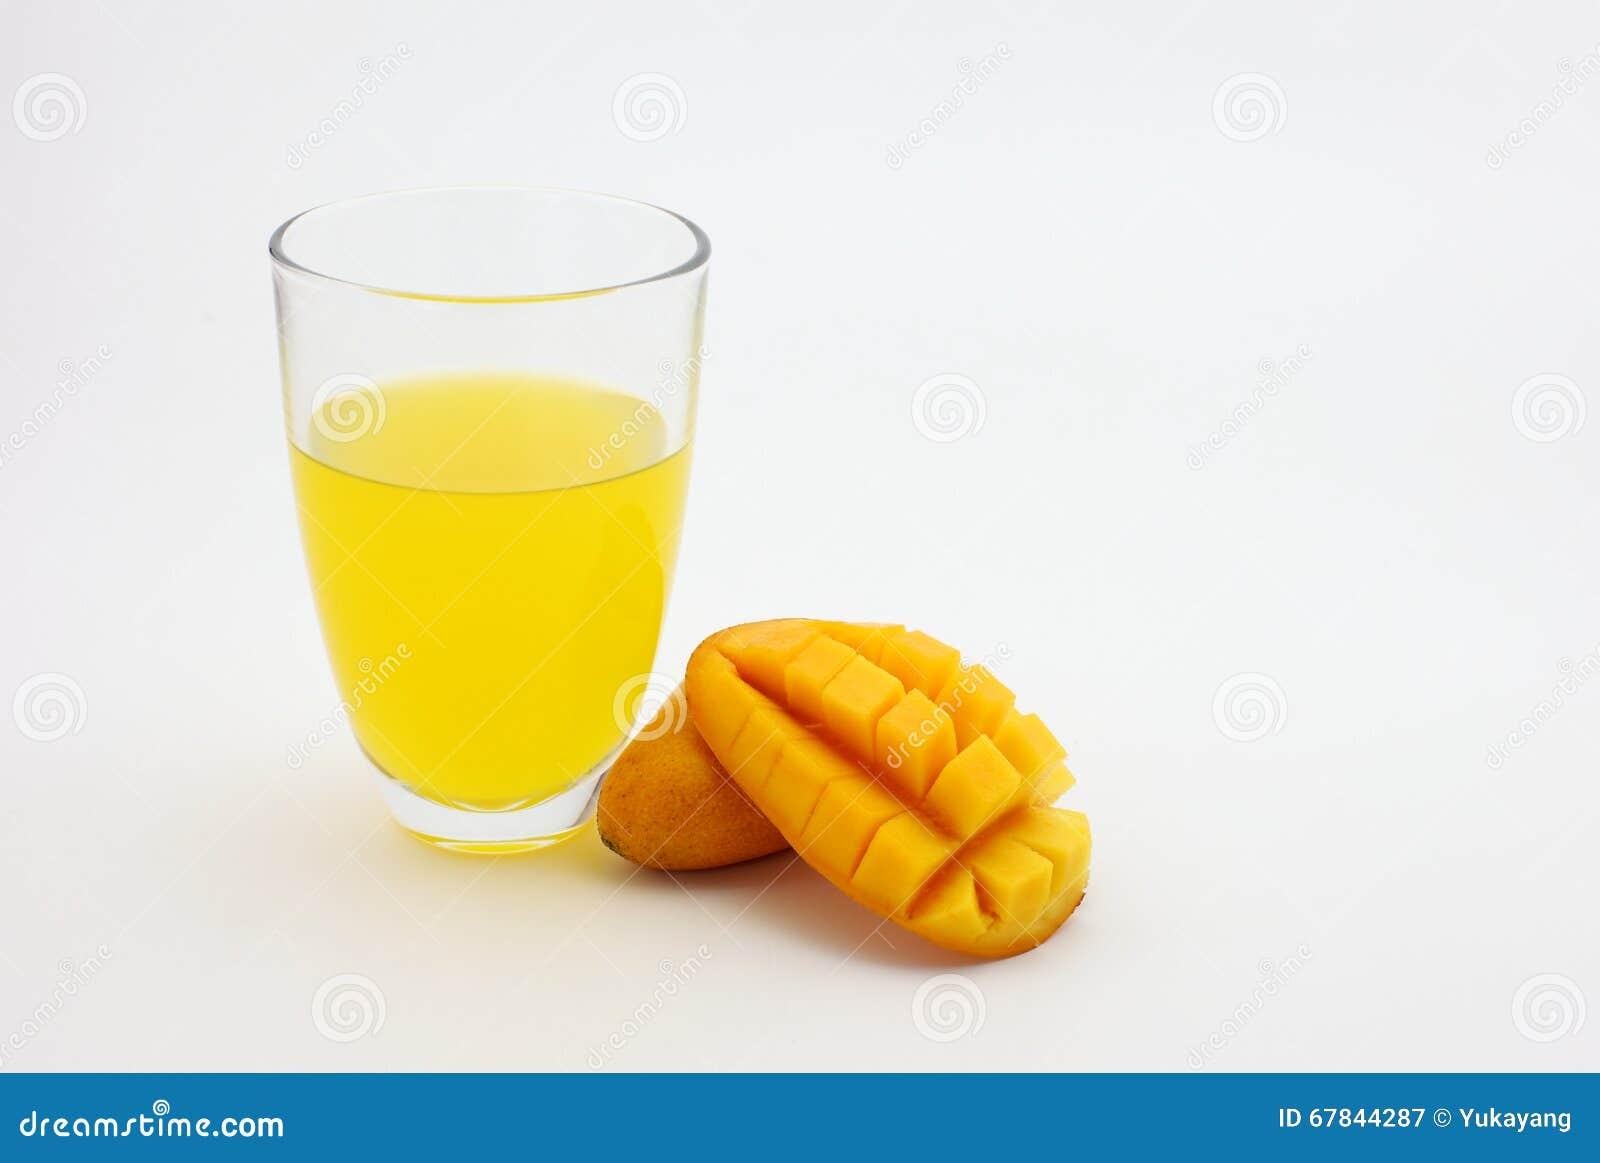 芒果汁和新鲜的芒果